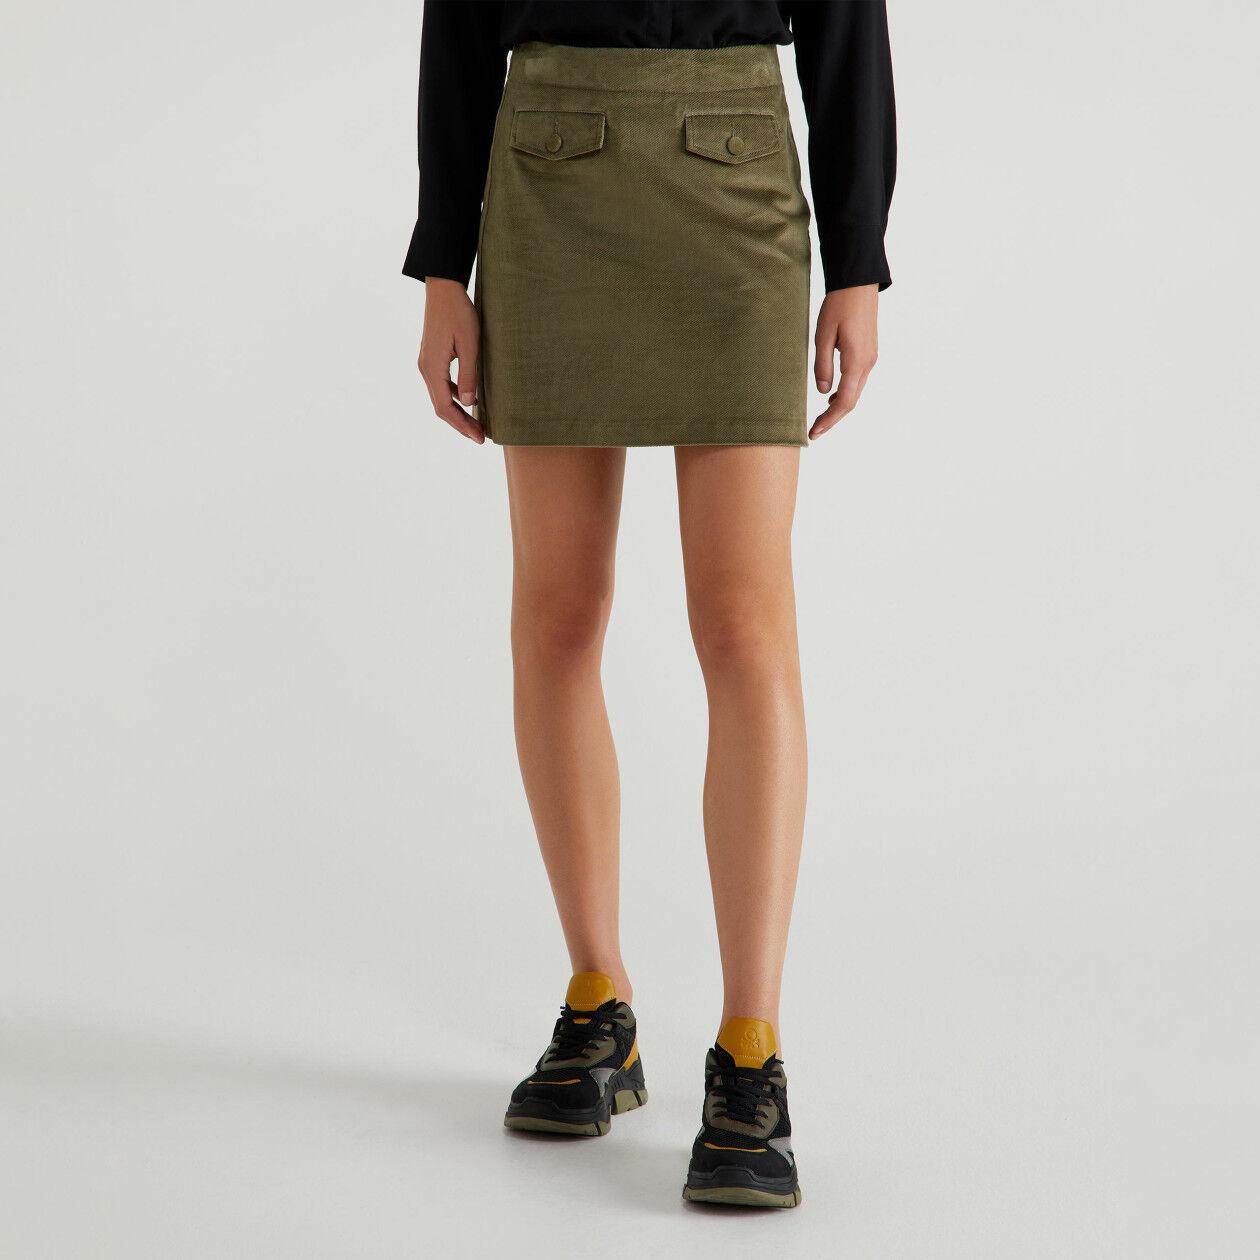 Minifalda de terciopelo